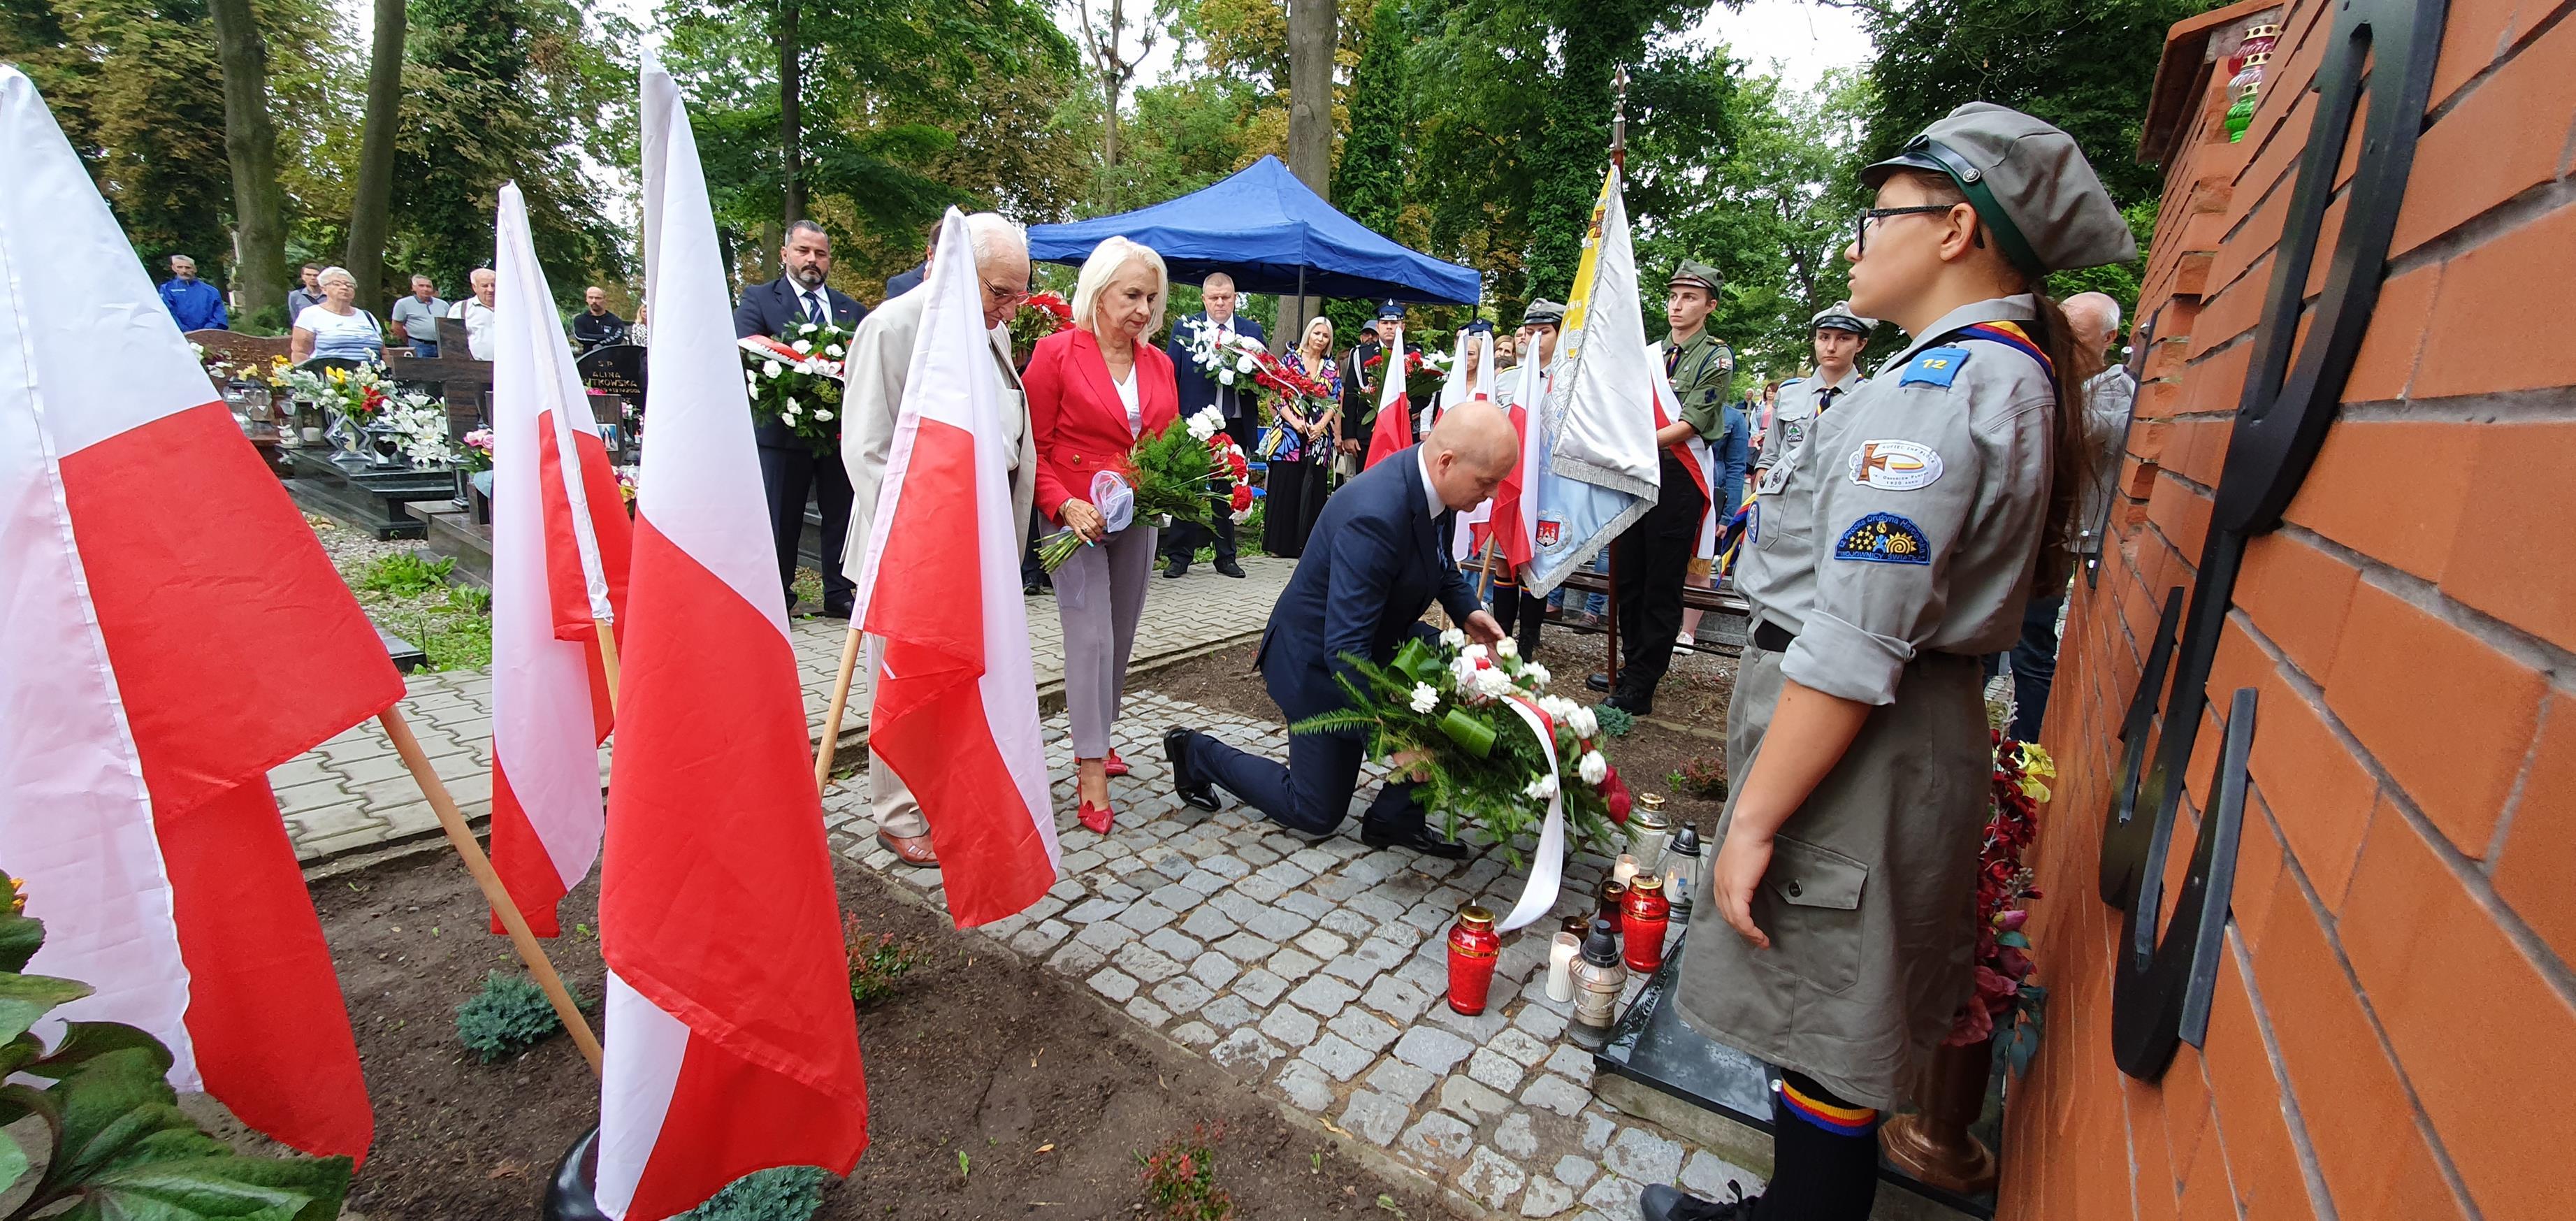 Prezydent i płoccy parlamentarzyści złożyli kwiaty pod pomnikiem żołnierzy AK [ZDJĘCIA] - Zdjęcie główne